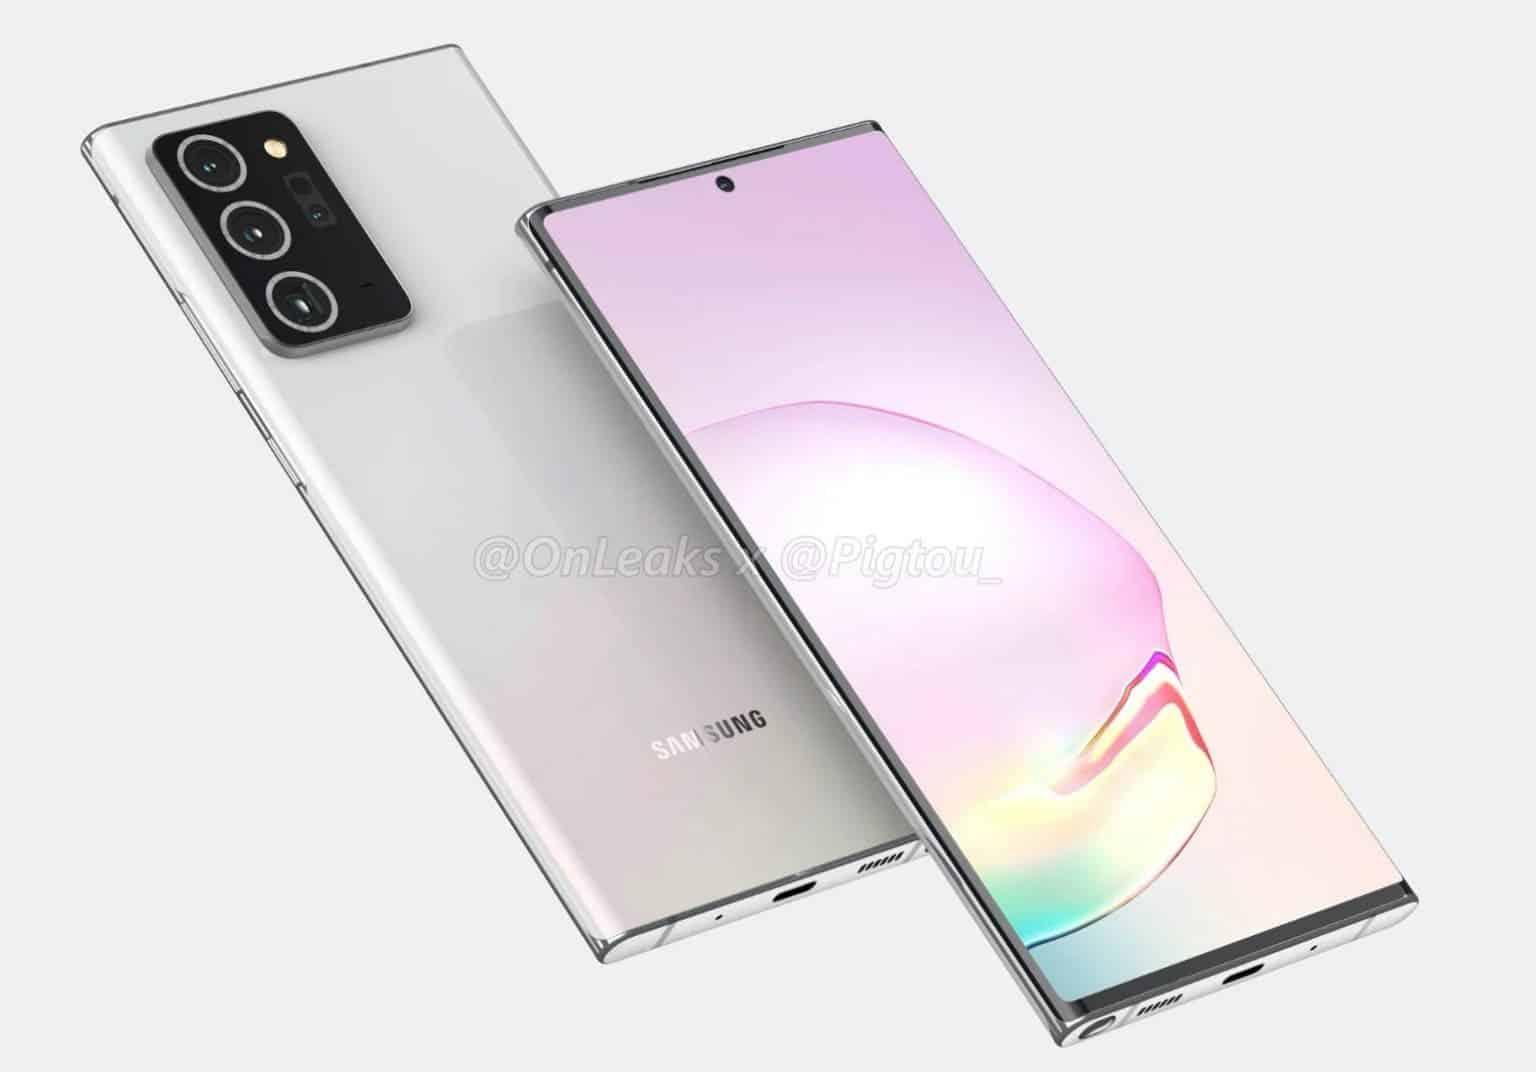 من الطبيعي أن نفكر أننا أمامنا بضعة أشهر فقط من معرفة سلسلة Galaxy Note 20 في الوقت الحالي. تتبنى Samsung جدول إصدار أغسطس منذ عدة سنوات حتى الآن. بالطبع ، يمكن أن يتغير أي شيء في هذه الأيام التي يعاني منها جائحة COVID-19. ومع ذلك ، بقدر ما تذهب الشائعات ، نحن نلتزم بالجدول الزمني المعتاد. بالنظر إلى هذا يبدو أن بعض البائعين على Alibaba لديهم بالفعل مخزون جيد من حافظات Galaxy Note20 + جاهزة للشحن. بالإضافة إلى الحالات ، تُظهر الصور زوجين من الهاتف ، لكنهما يعتمدان على مخططات غير مكتملة. يبدو أن الجانب الأمامي هو ثمرة الخيال ، في حين أن الأجزاء الخلفية والجانبية أكثر دقة. بعد كل شيء ، يجب أن يكونوا مثاليين لتناسب الهاتف.  بعد مزيد من الفحص ، من السهل ملاحظة الطبيعة المنحنية لشاشة Galaxy Note 20+. يذهب الجانبان الأيسر والأيمن من العلبة جزئيًا فقط ، ويترك الباقي للعرض. توجد شفاه في الجزء العلوي والسفلي لضمان بقاء الهاتف في مكانه. بالطبع ، هذا ليس جهازًا مجنونًا جديدًا مثل Xiaomi MIX Alpha ، هناك مساحة كافية للإطارات الجانبية. ربما ننظر في رؤية الشركة لشاشات عرض الشلال لعام 2020.   انضم إلى GizChina على Telegram         ستحتوي شاشة VANILLA GALAXY NOTE 20 على شاشة مسطحة عندما ننظر إلى حالات Galaxy Note 20 ، يمكننا ملاحظة اختلاف كبير في نوع العرض. جانبي الصندوق يذهبان إلى الأمام. لذلك ، في النهاية ، سيأتي البديل الفانيليا لما يسمى phablet بشاشة مسطحة. يتطابق هذا أيضًا مع ما رأيناه في عرض Galaxy Note و Note 20+. إنها مفاجأة ، ذات مرة أن سامسونج تستخدم شاشات منحنية لجميع هواتفها الرئيسية منذ Galaxy S8. يظهر الجانب السفلي من الحالات ثلاث ثقوب كبيرة. أحدهما لمنفذ USB-C ، وواحد لشبكة مكبر الصوت ، والآخر لقلم S Pen التقليدي في Galaxy Note. أخيرًا وليس آخرًا ، لدينا فتحة صغيرة لميكروفون إضافي.  اقرأ أيضًا: Samsung تطلق Galaxy M31 8GB RAM Variant في الهند ، بسعر 264 دولارًا آخر التفاصيل التي تم رصدها ، في هذه الحالة ، هي قطع مستطيل لجزيرة الكاميرا. لا توجد مفاجآت هنا ، مع الأخذ في الاعتبار أن Samsung تستخدم لغة التصميم هذه لبعض الوقت الآن. وفقًا للشائعات والتسريبات السابقة ، سيتم شحن Galaxy Note 20+ بكاميرا المنظار ، وإذا حكمنا من خلال العروض ، يمكننا أن نرى أن منشئ المحتوى حاول 